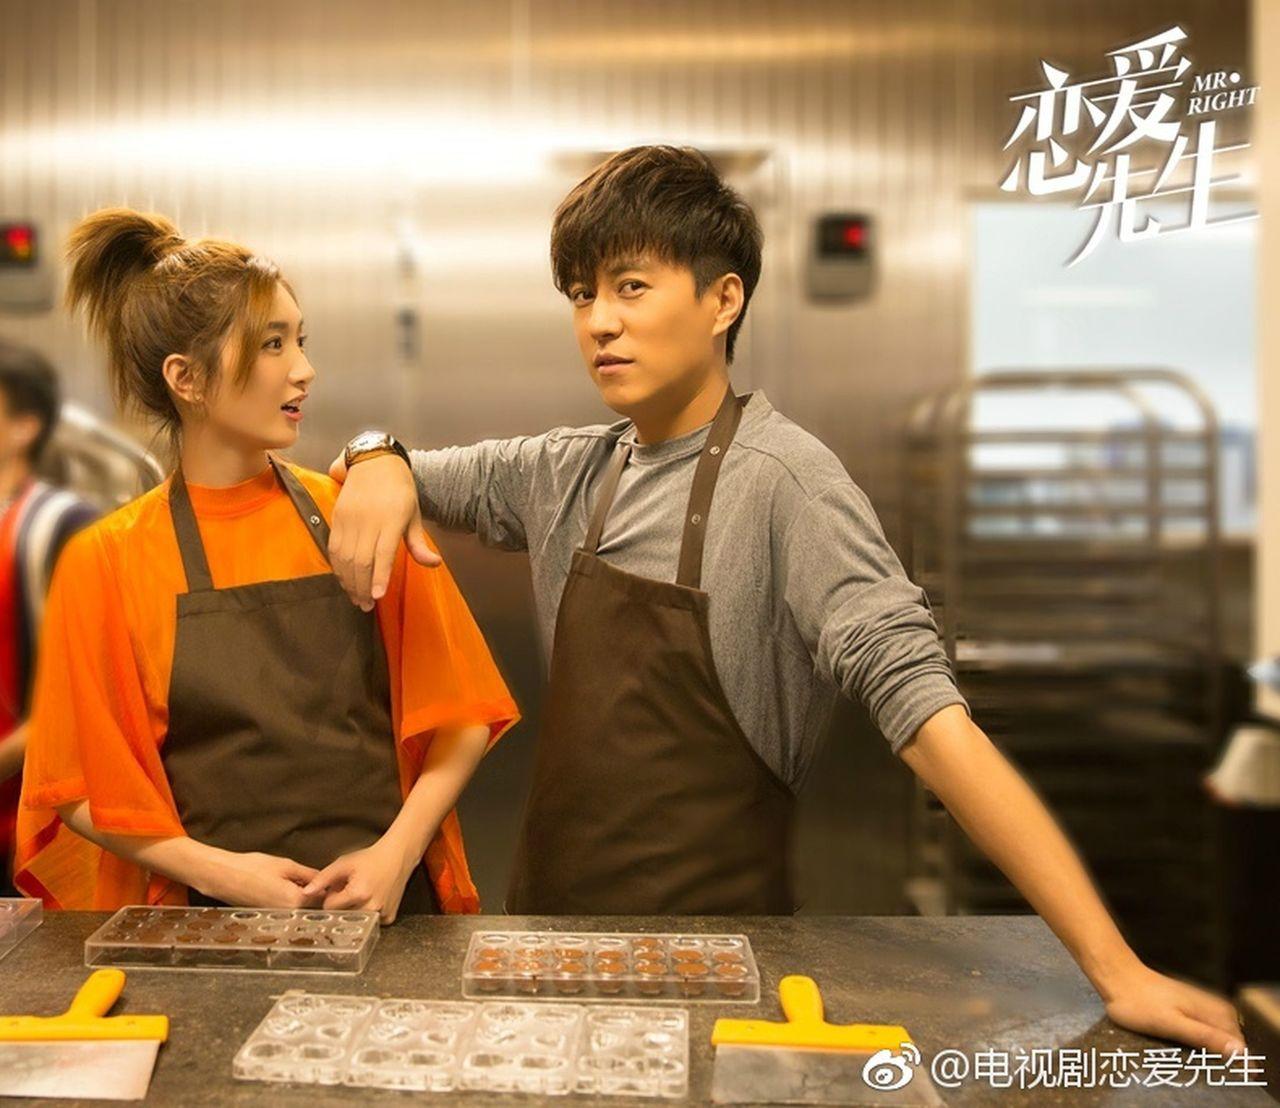 「戀愛先生」中,靳東(右)挑戰全新人設。圖╱摘自電視劇戀愛先生的微博